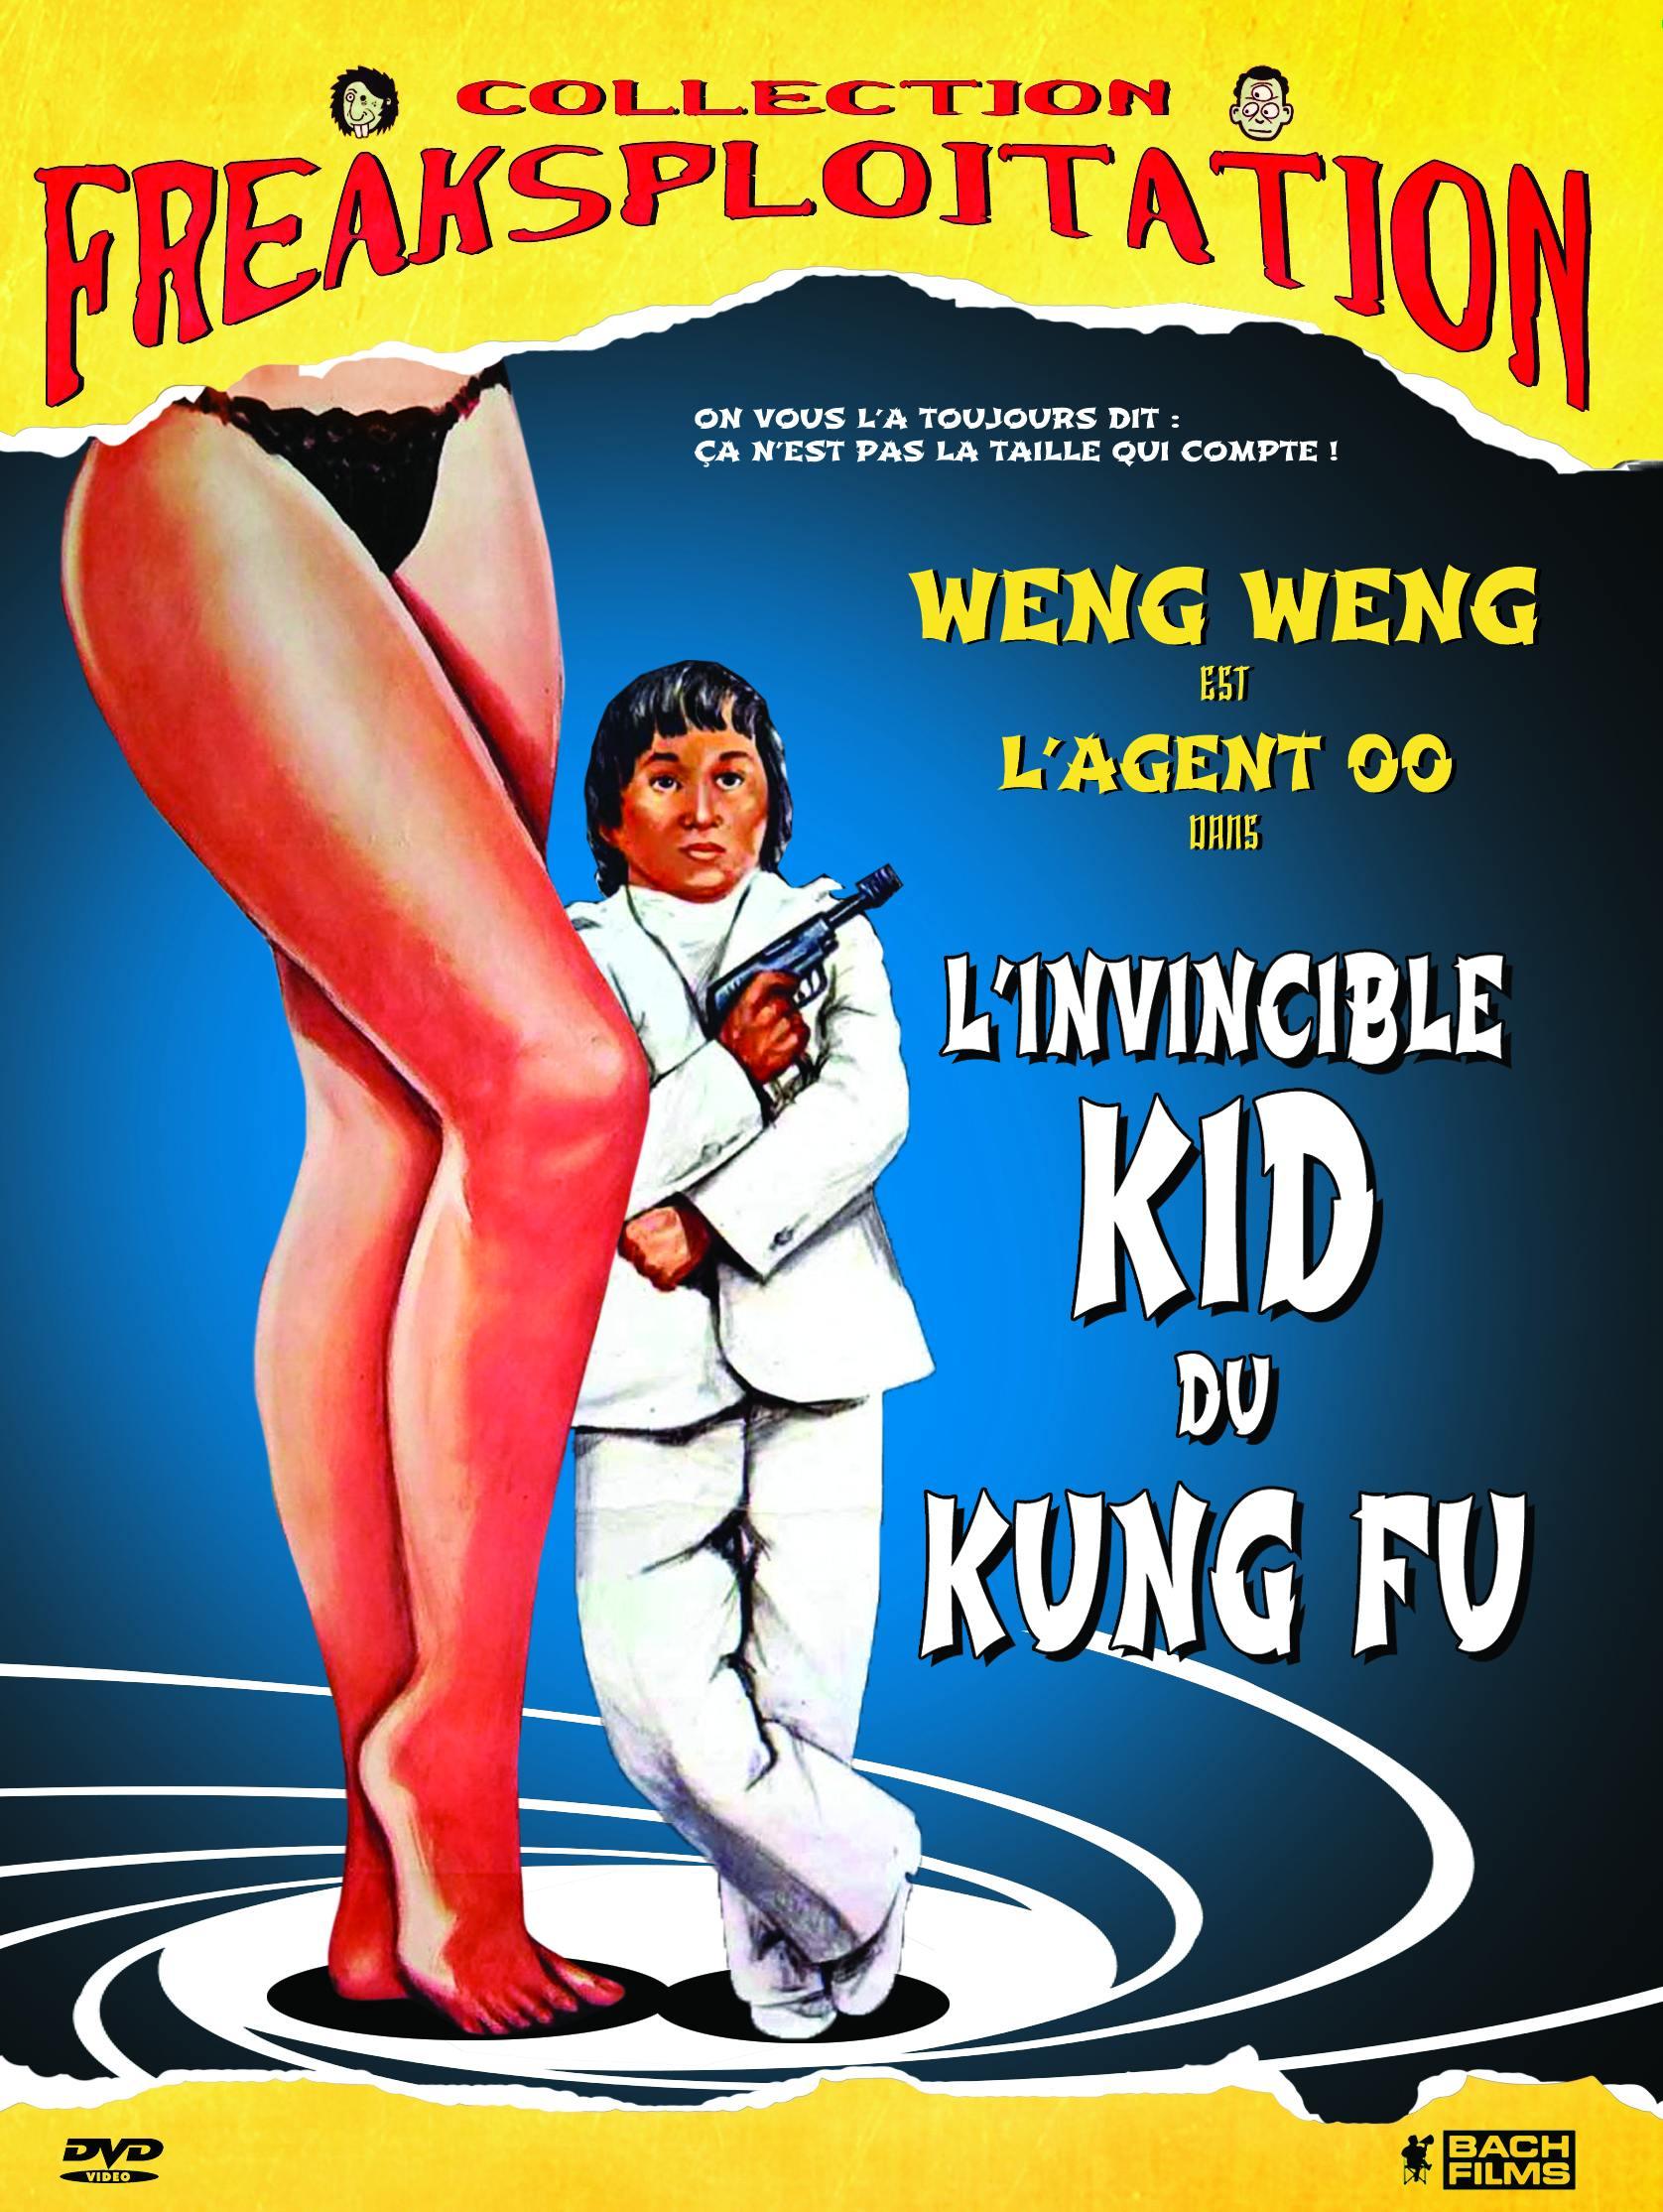 Invincible kid du kung fu (l') - dvd